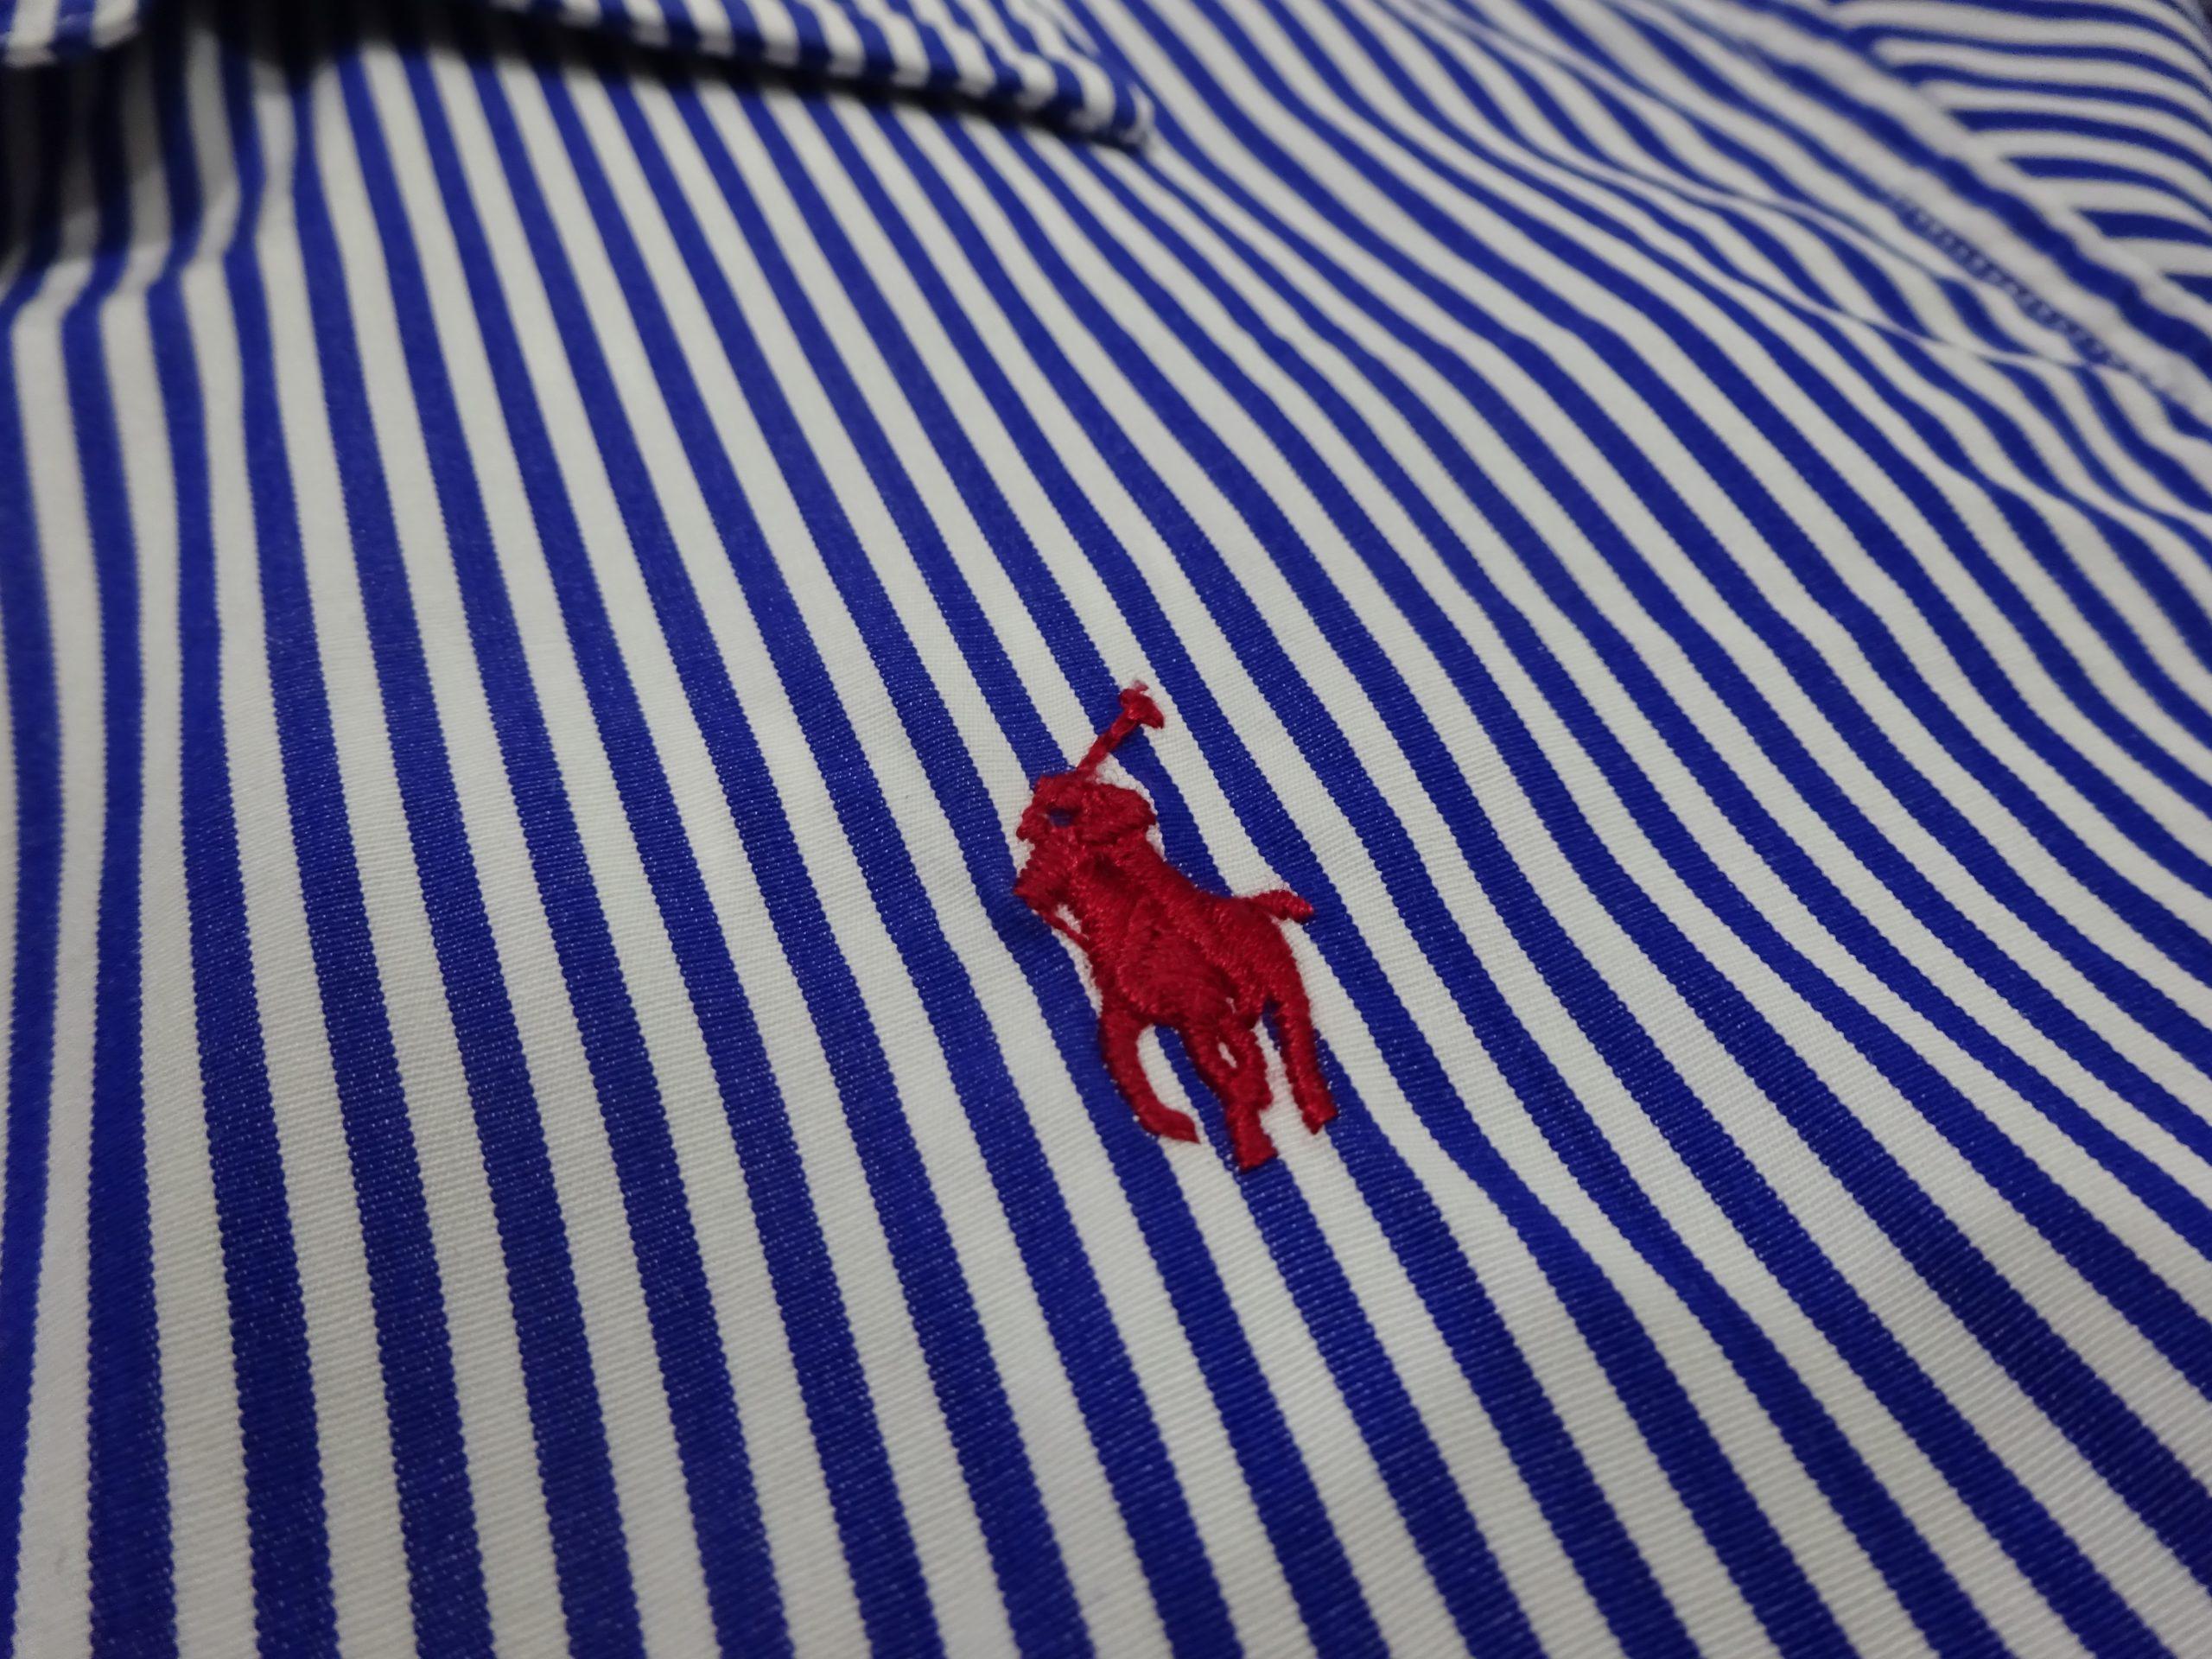 Polo Ralph Lauren(ラルフローレン)オマージュブランドの数々~偽物?パロディー?変わり種まで一挙紹介~